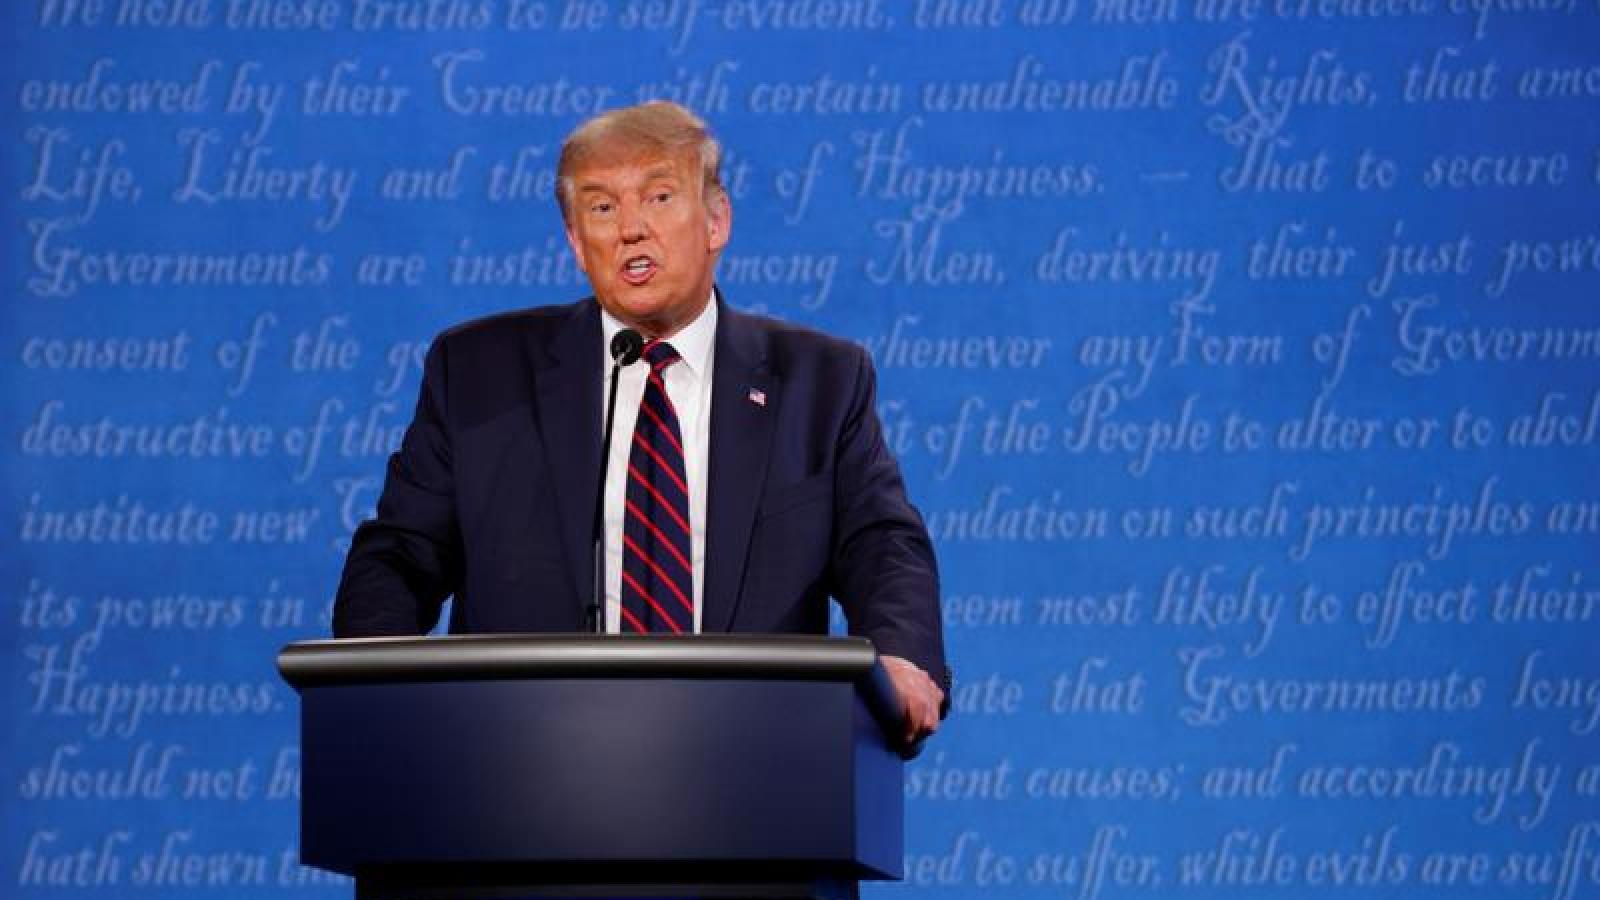 Tổng thống Trump: Chúng tôi đã dễ dàng chiến thắng cuộc tranh luận đầu tiên